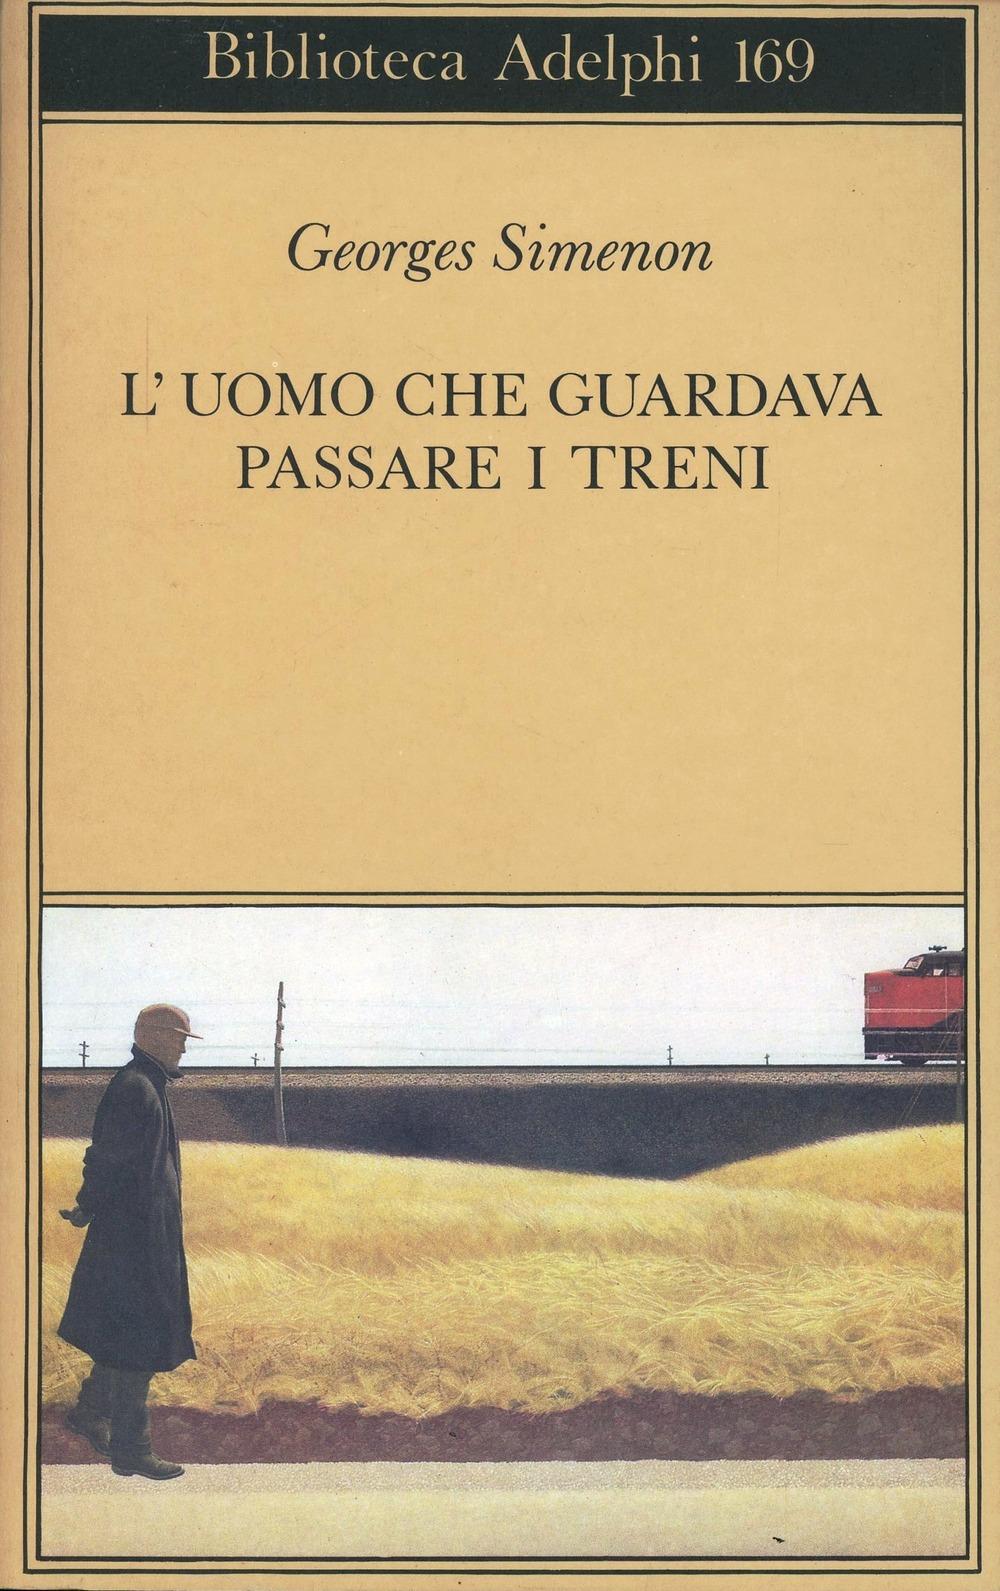 L'uomo che guardava passare i treni